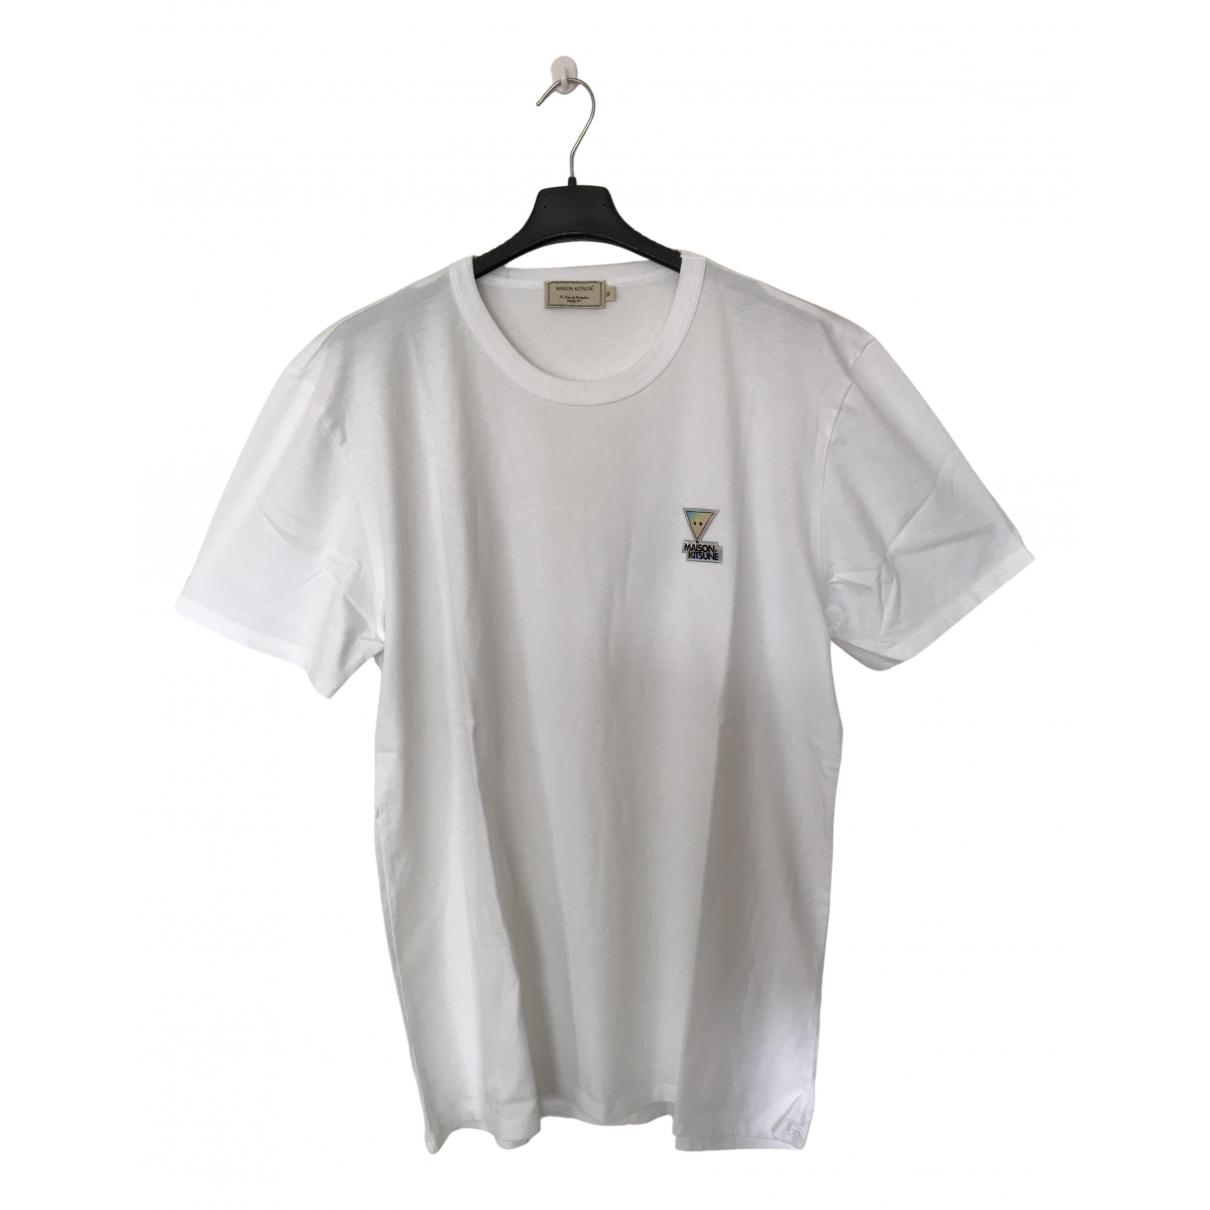 Maison Kitsune - Tee shirts   pour homme en coton - blanc